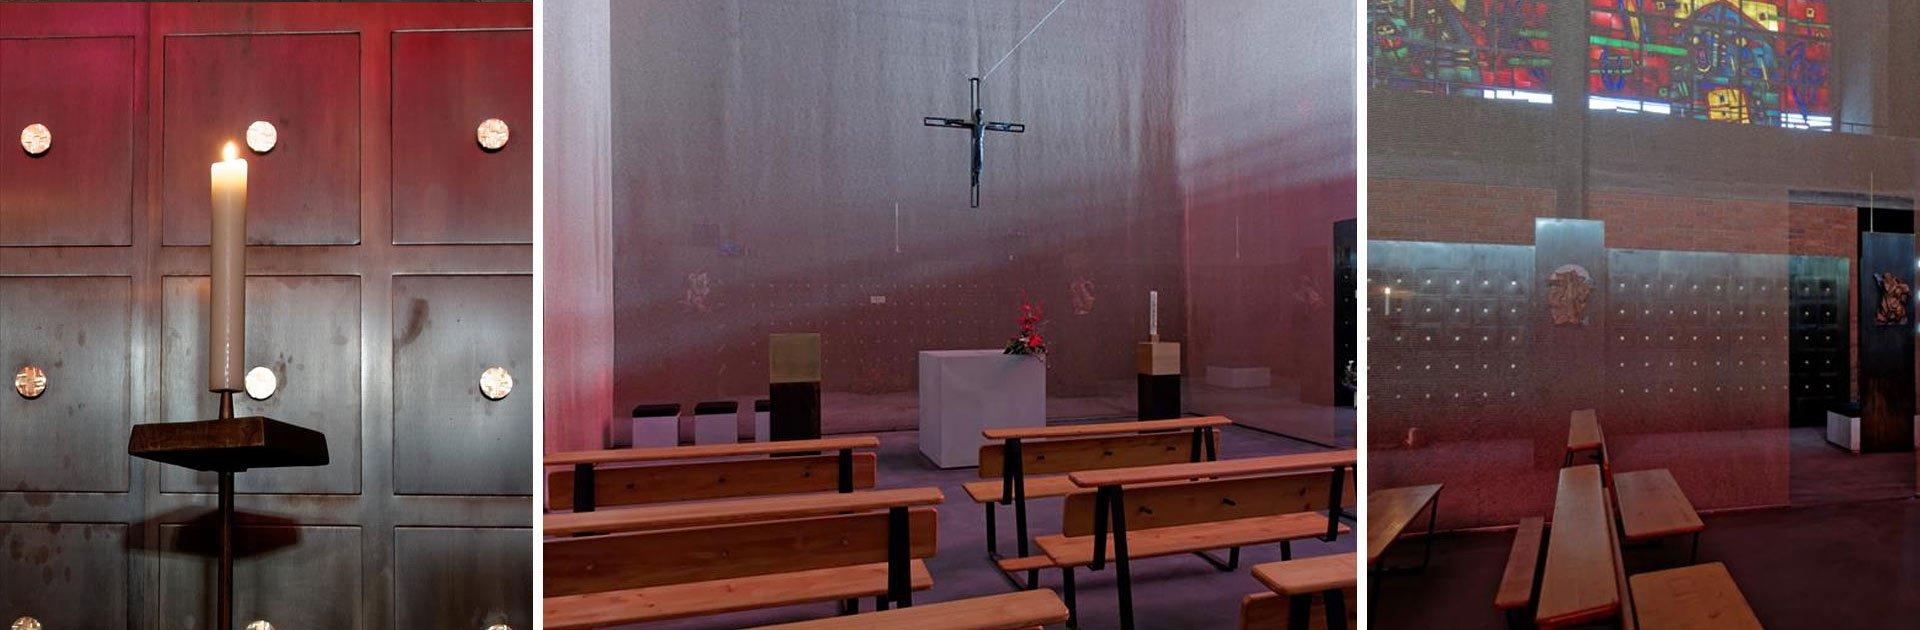 Grabeskirche St. Bartholomäus Köln, Detailansichten Innenraum